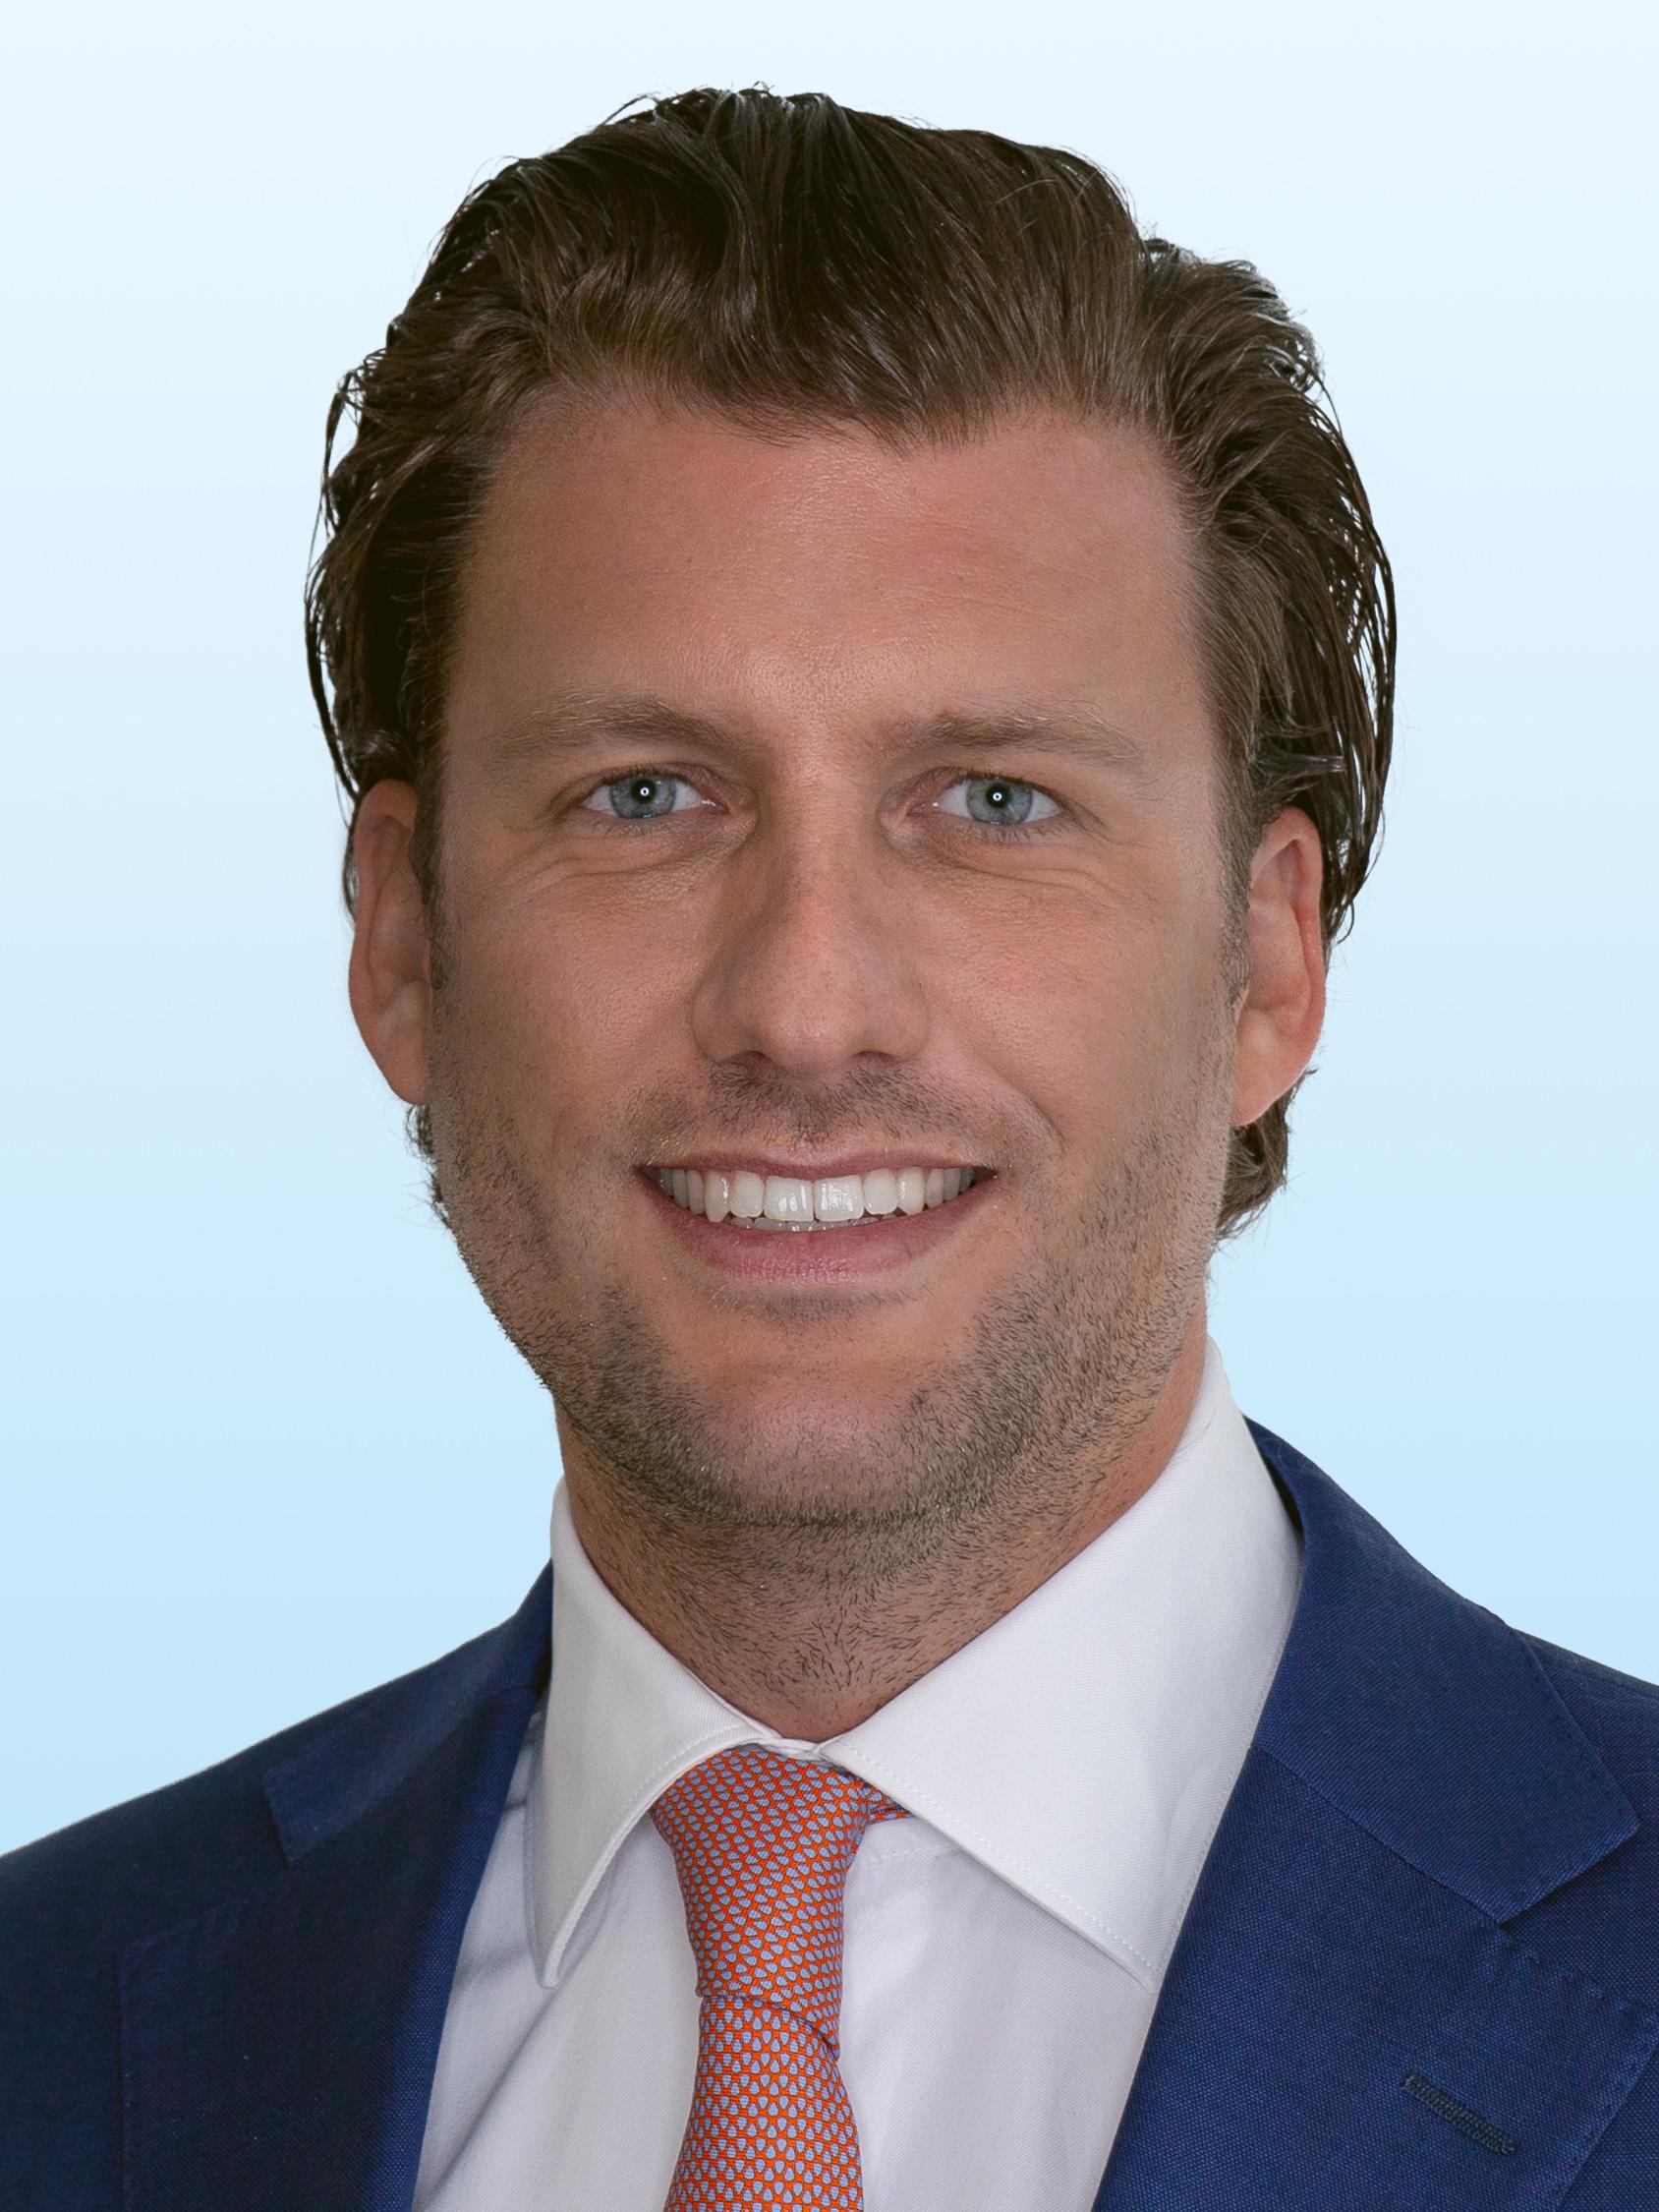 Führungswechsel in Nordrhein-Westfalen – Ignaz Trombello überträgt Verantwortung im Bereich Capital Markets an Christian Sauer